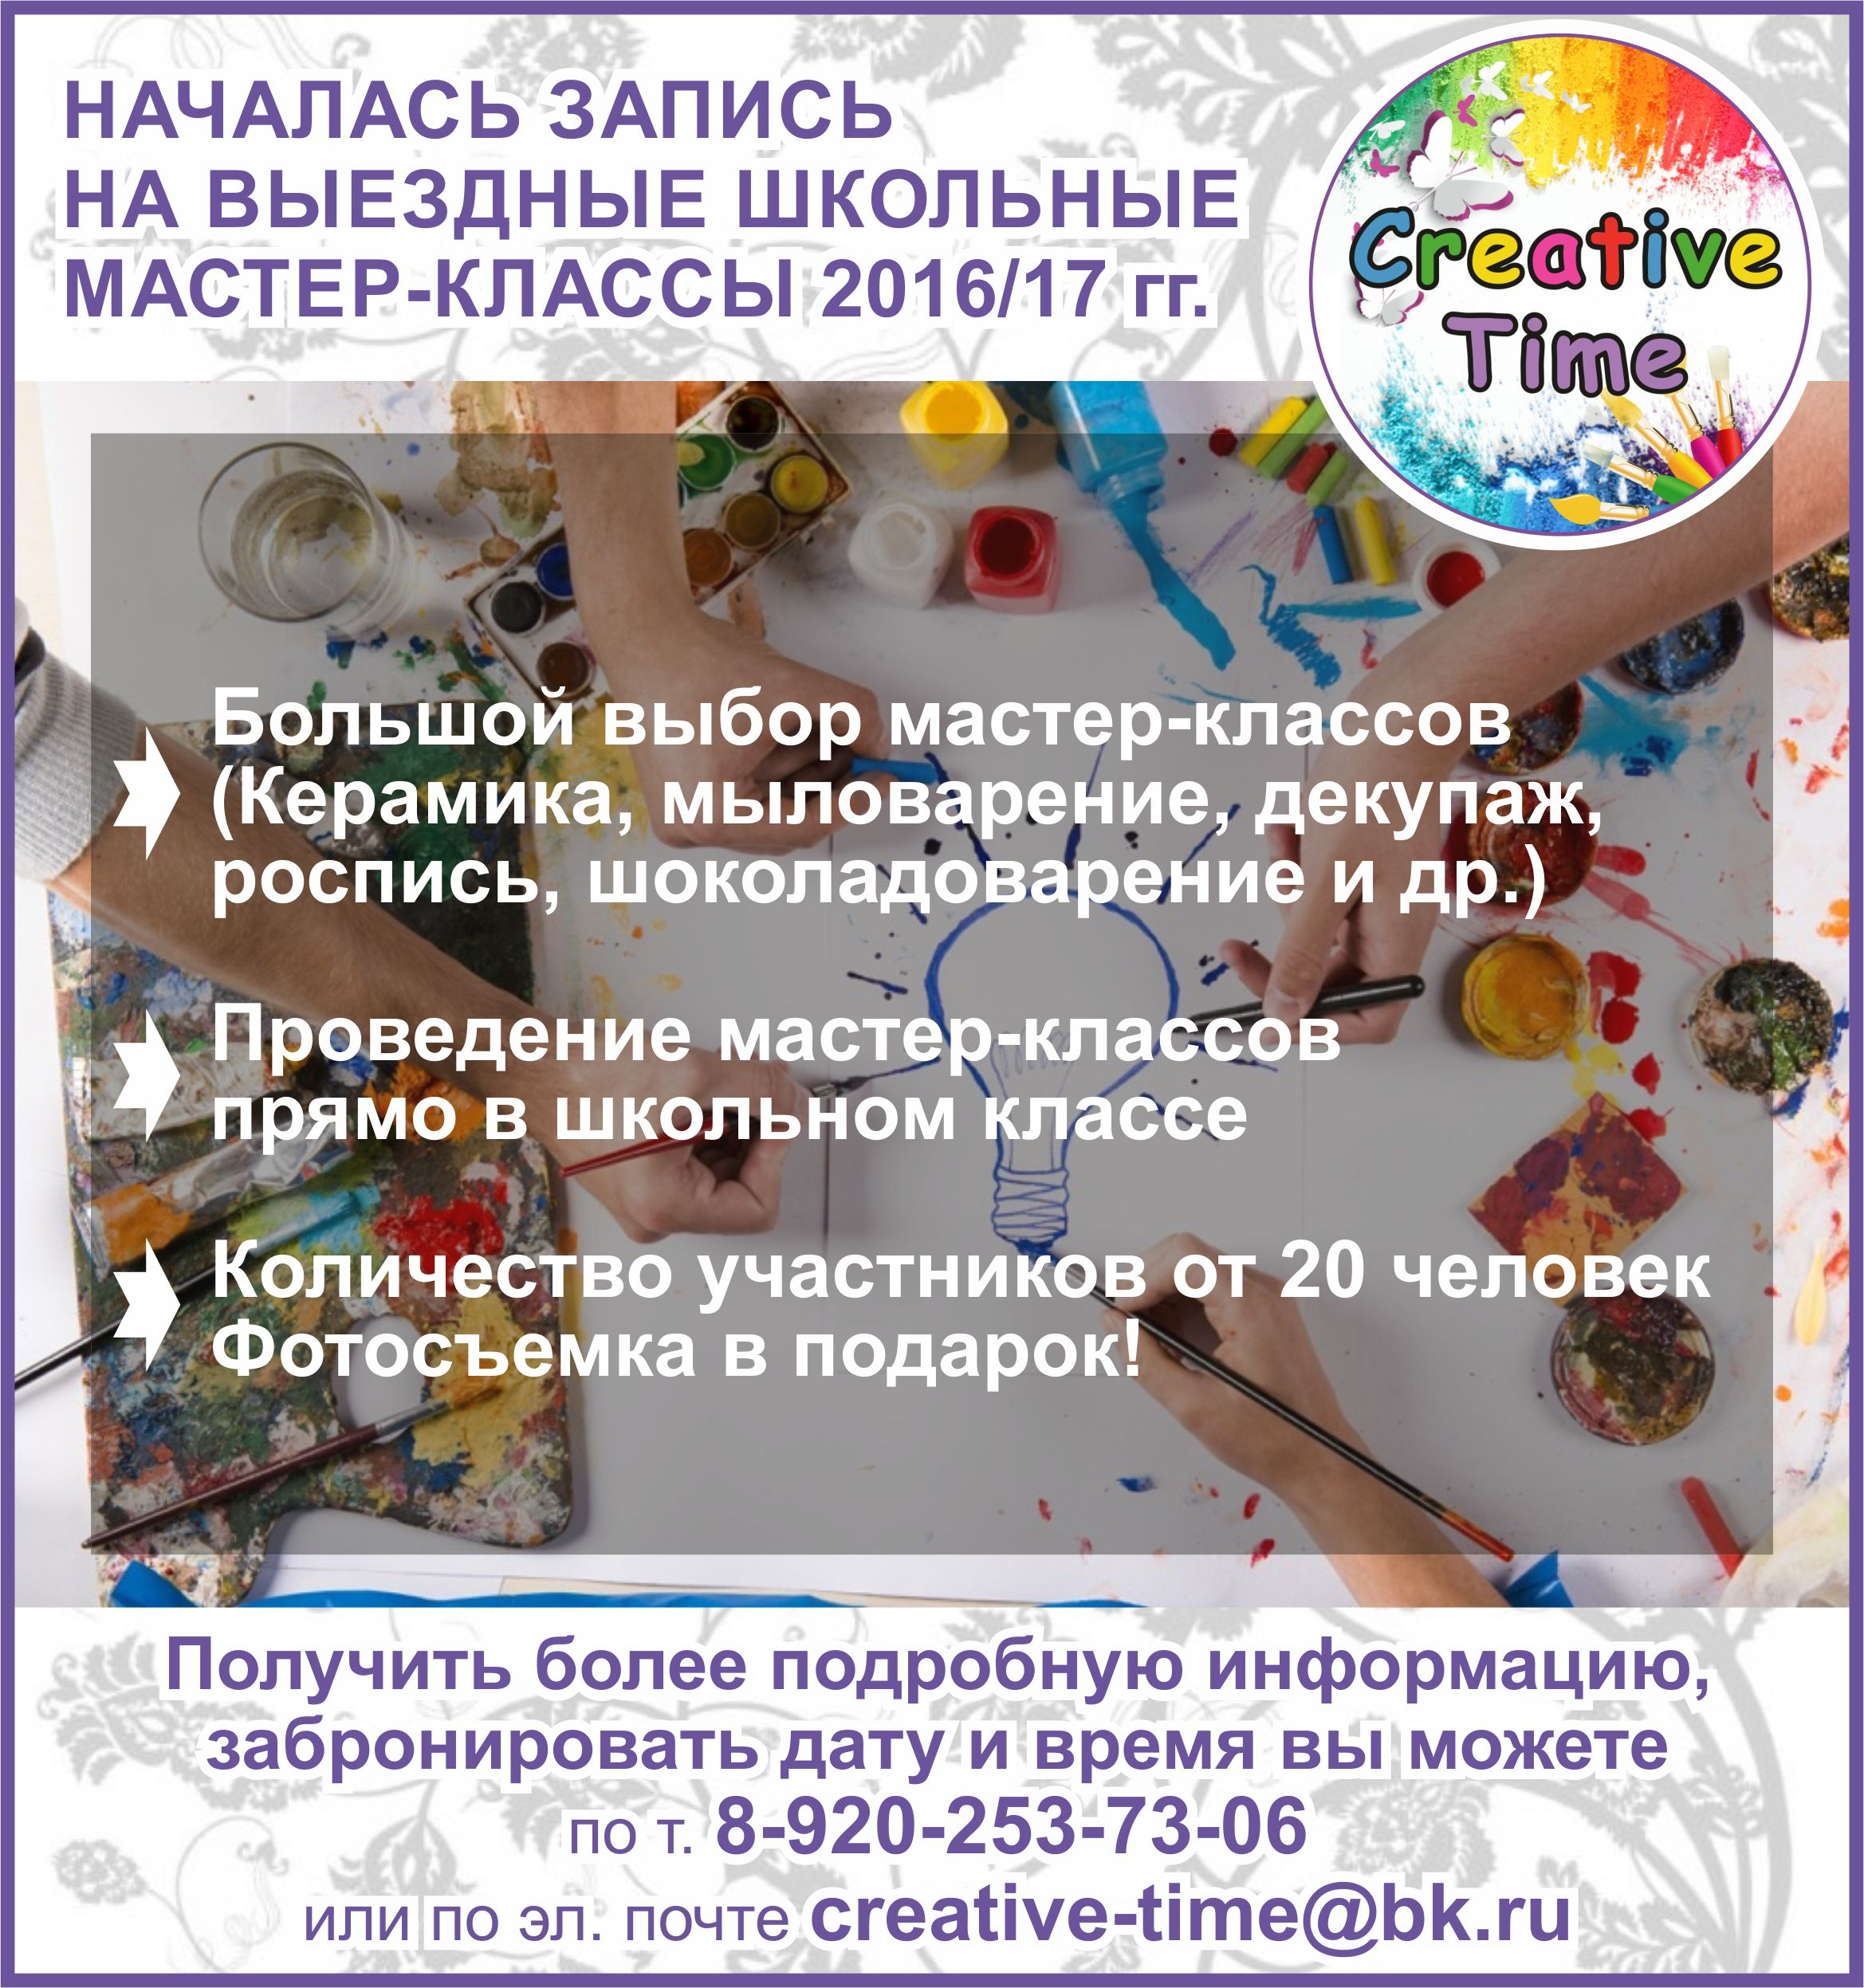 Началась запись на выездные школьные мастер-классы в Нижнем Новгороде на 2016/17 гг.